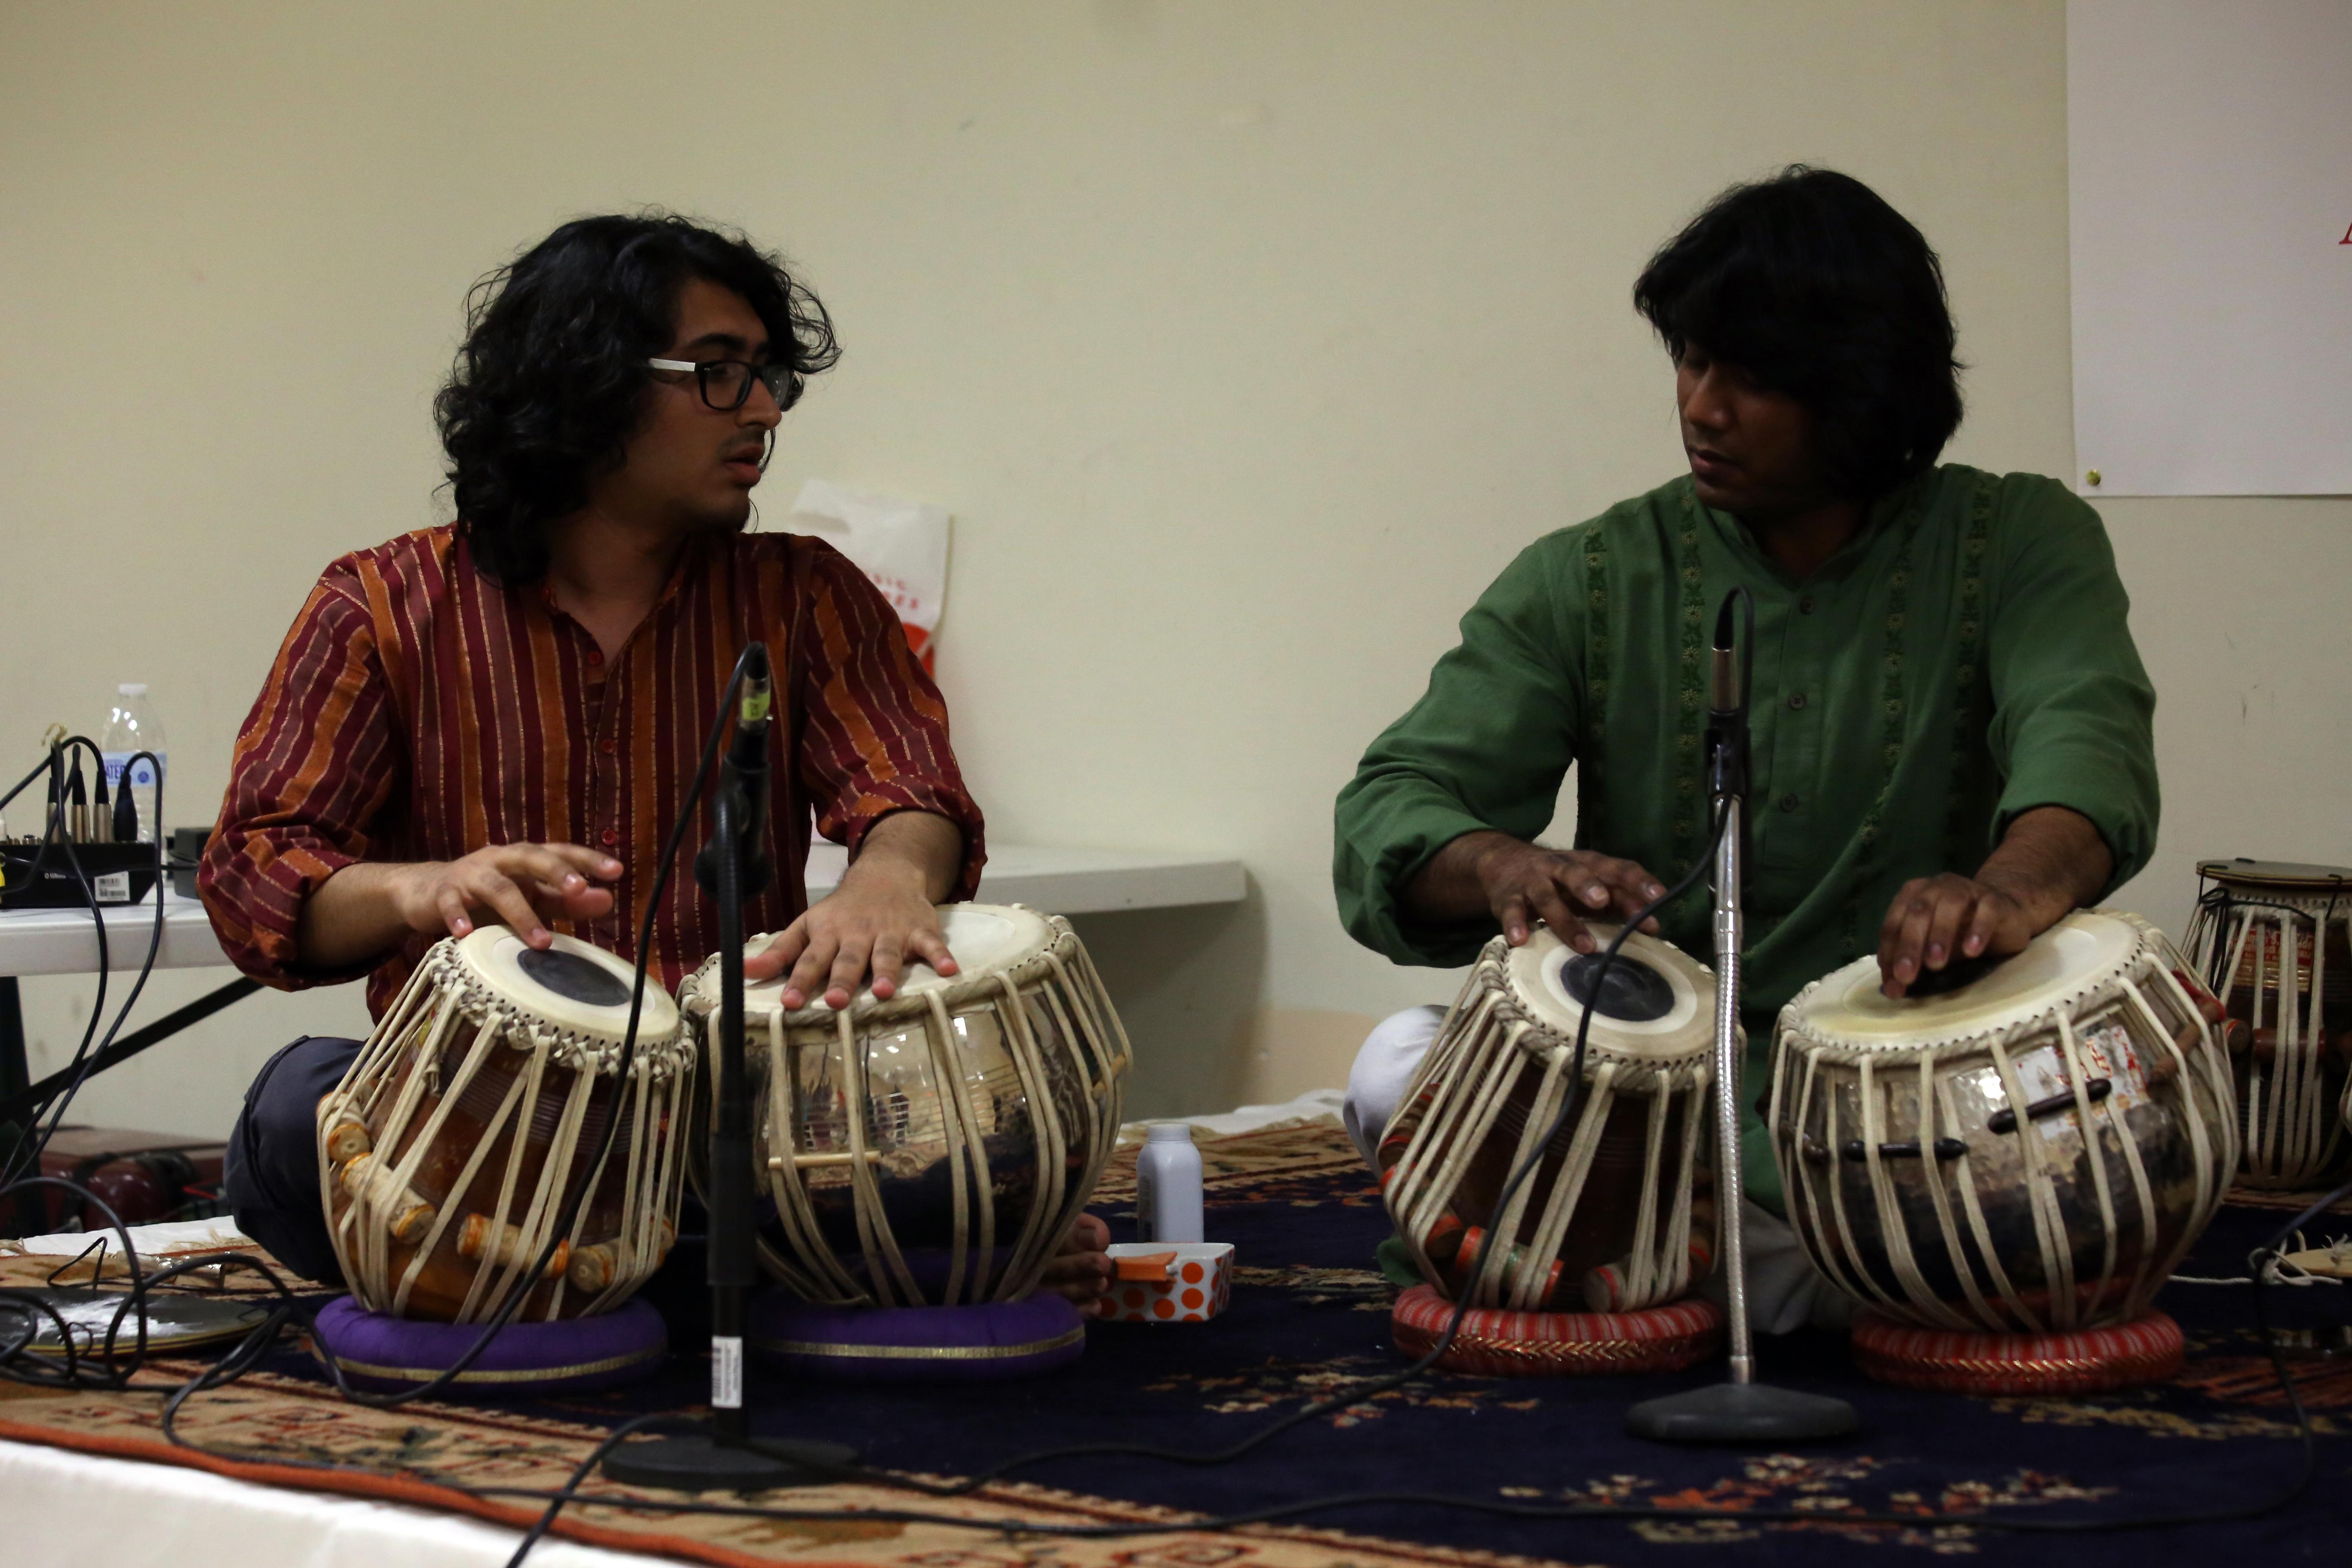 Anirban & his student Naikaj